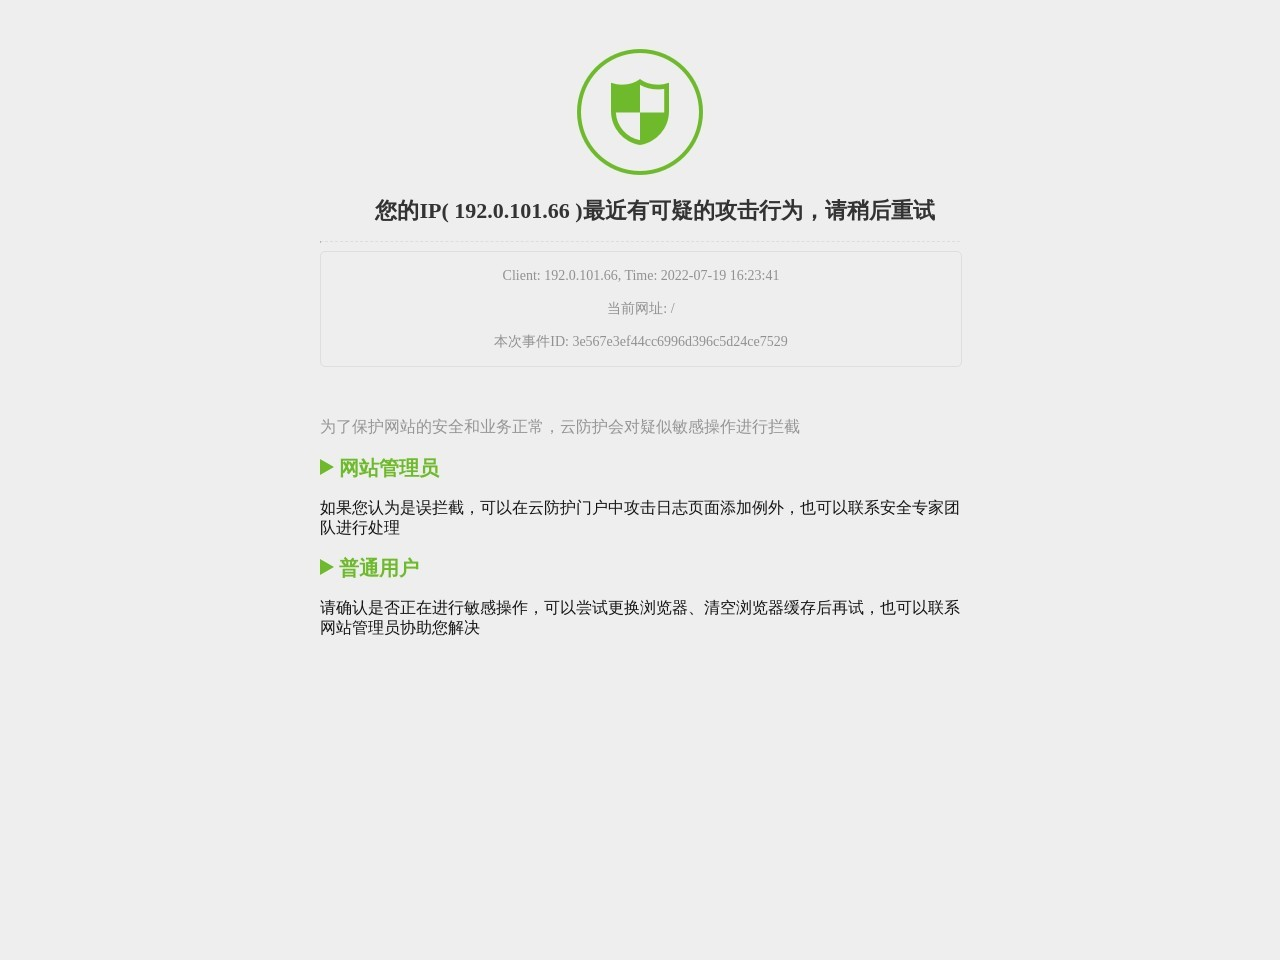 中国中小企业协会